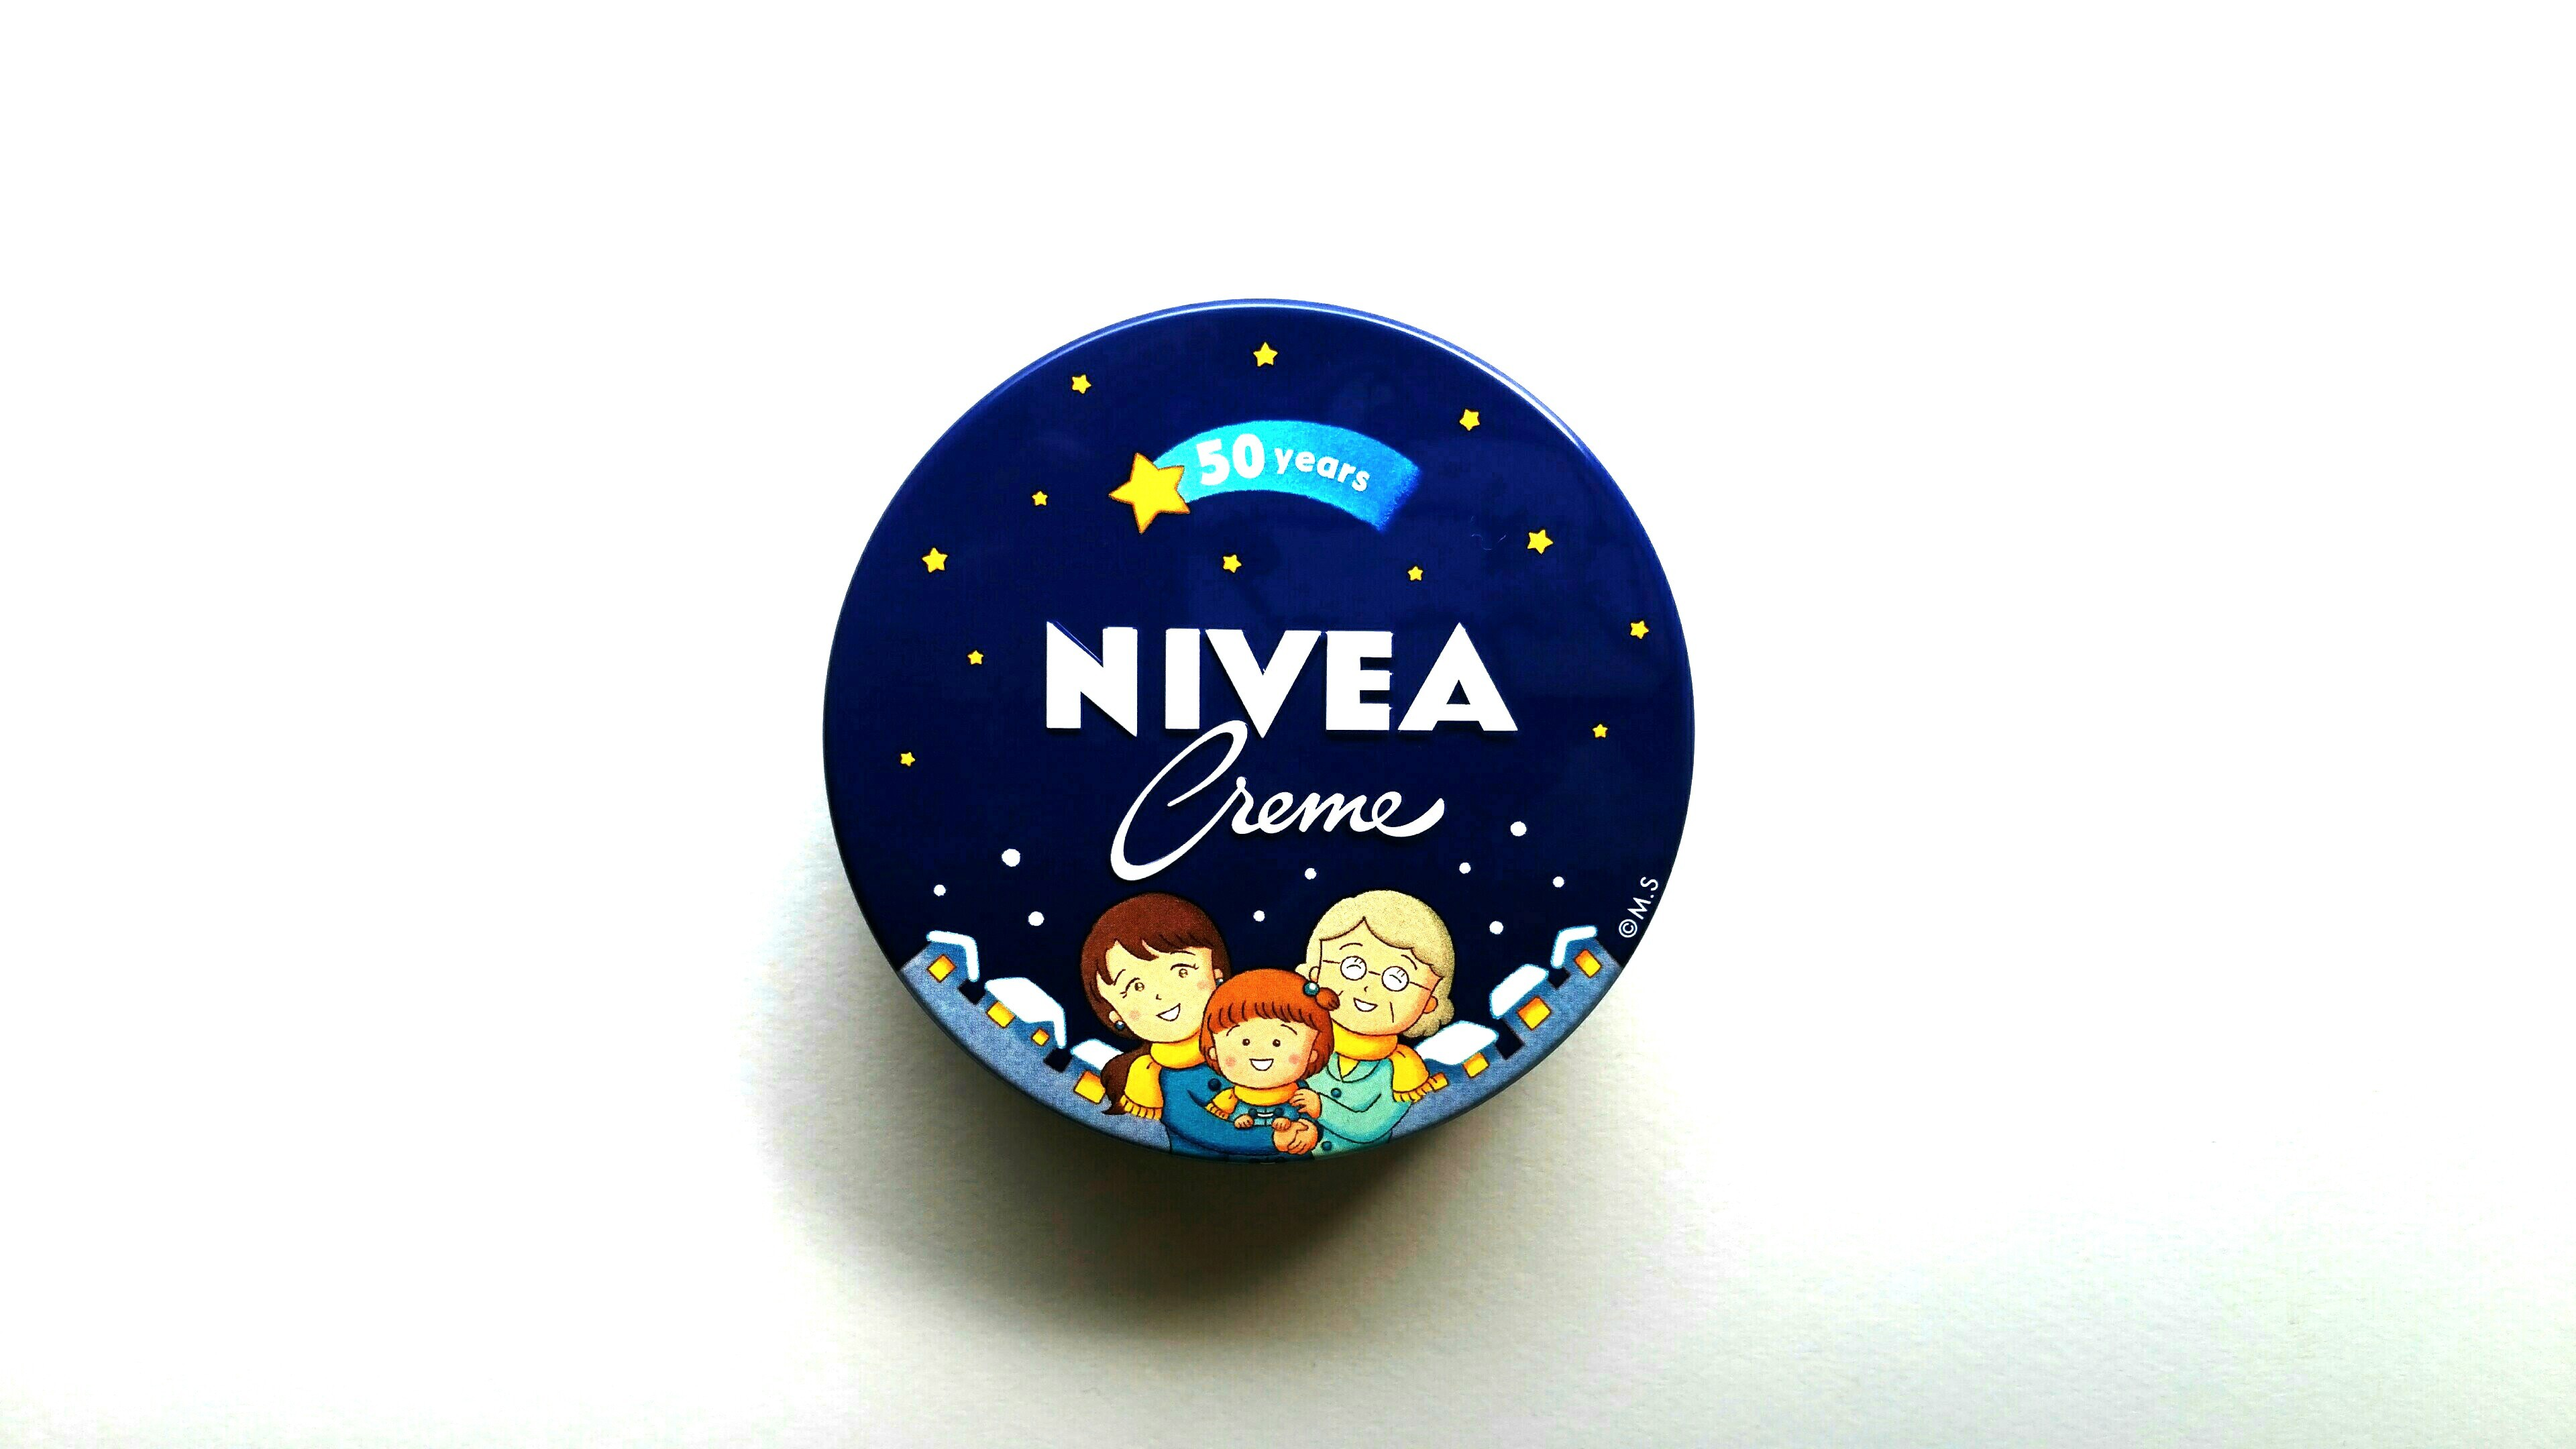 さくらももこさんデザインのNIVEA_1_1